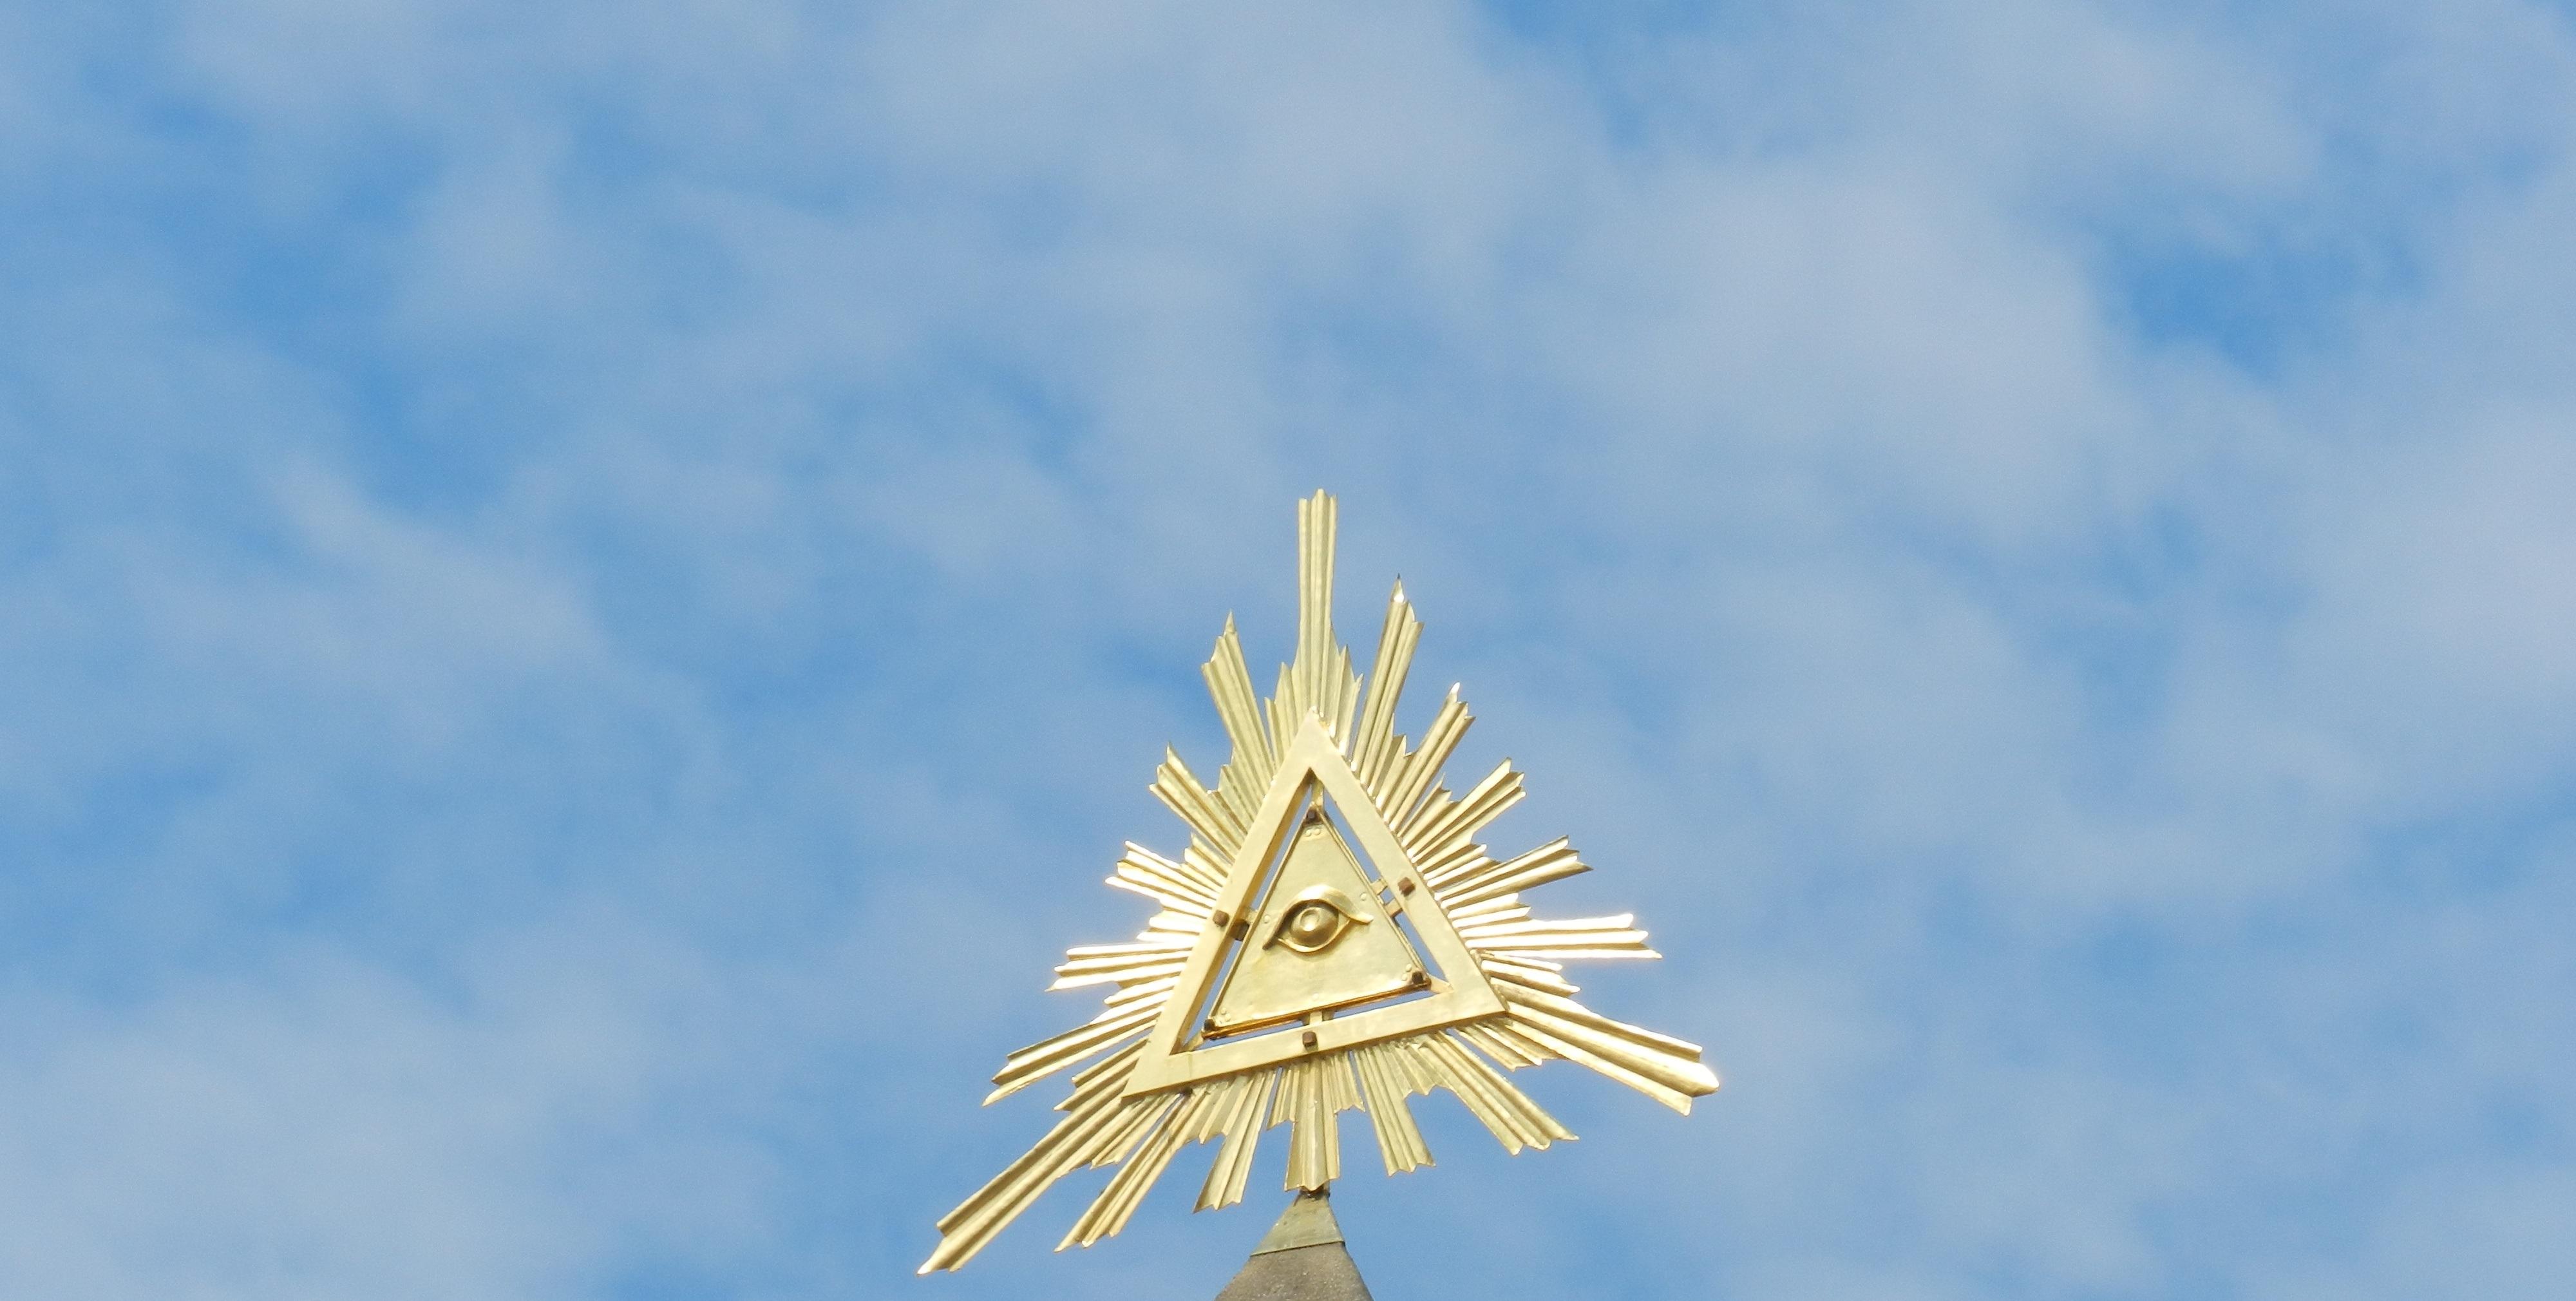 треугольник на солнце картинки каждому дню